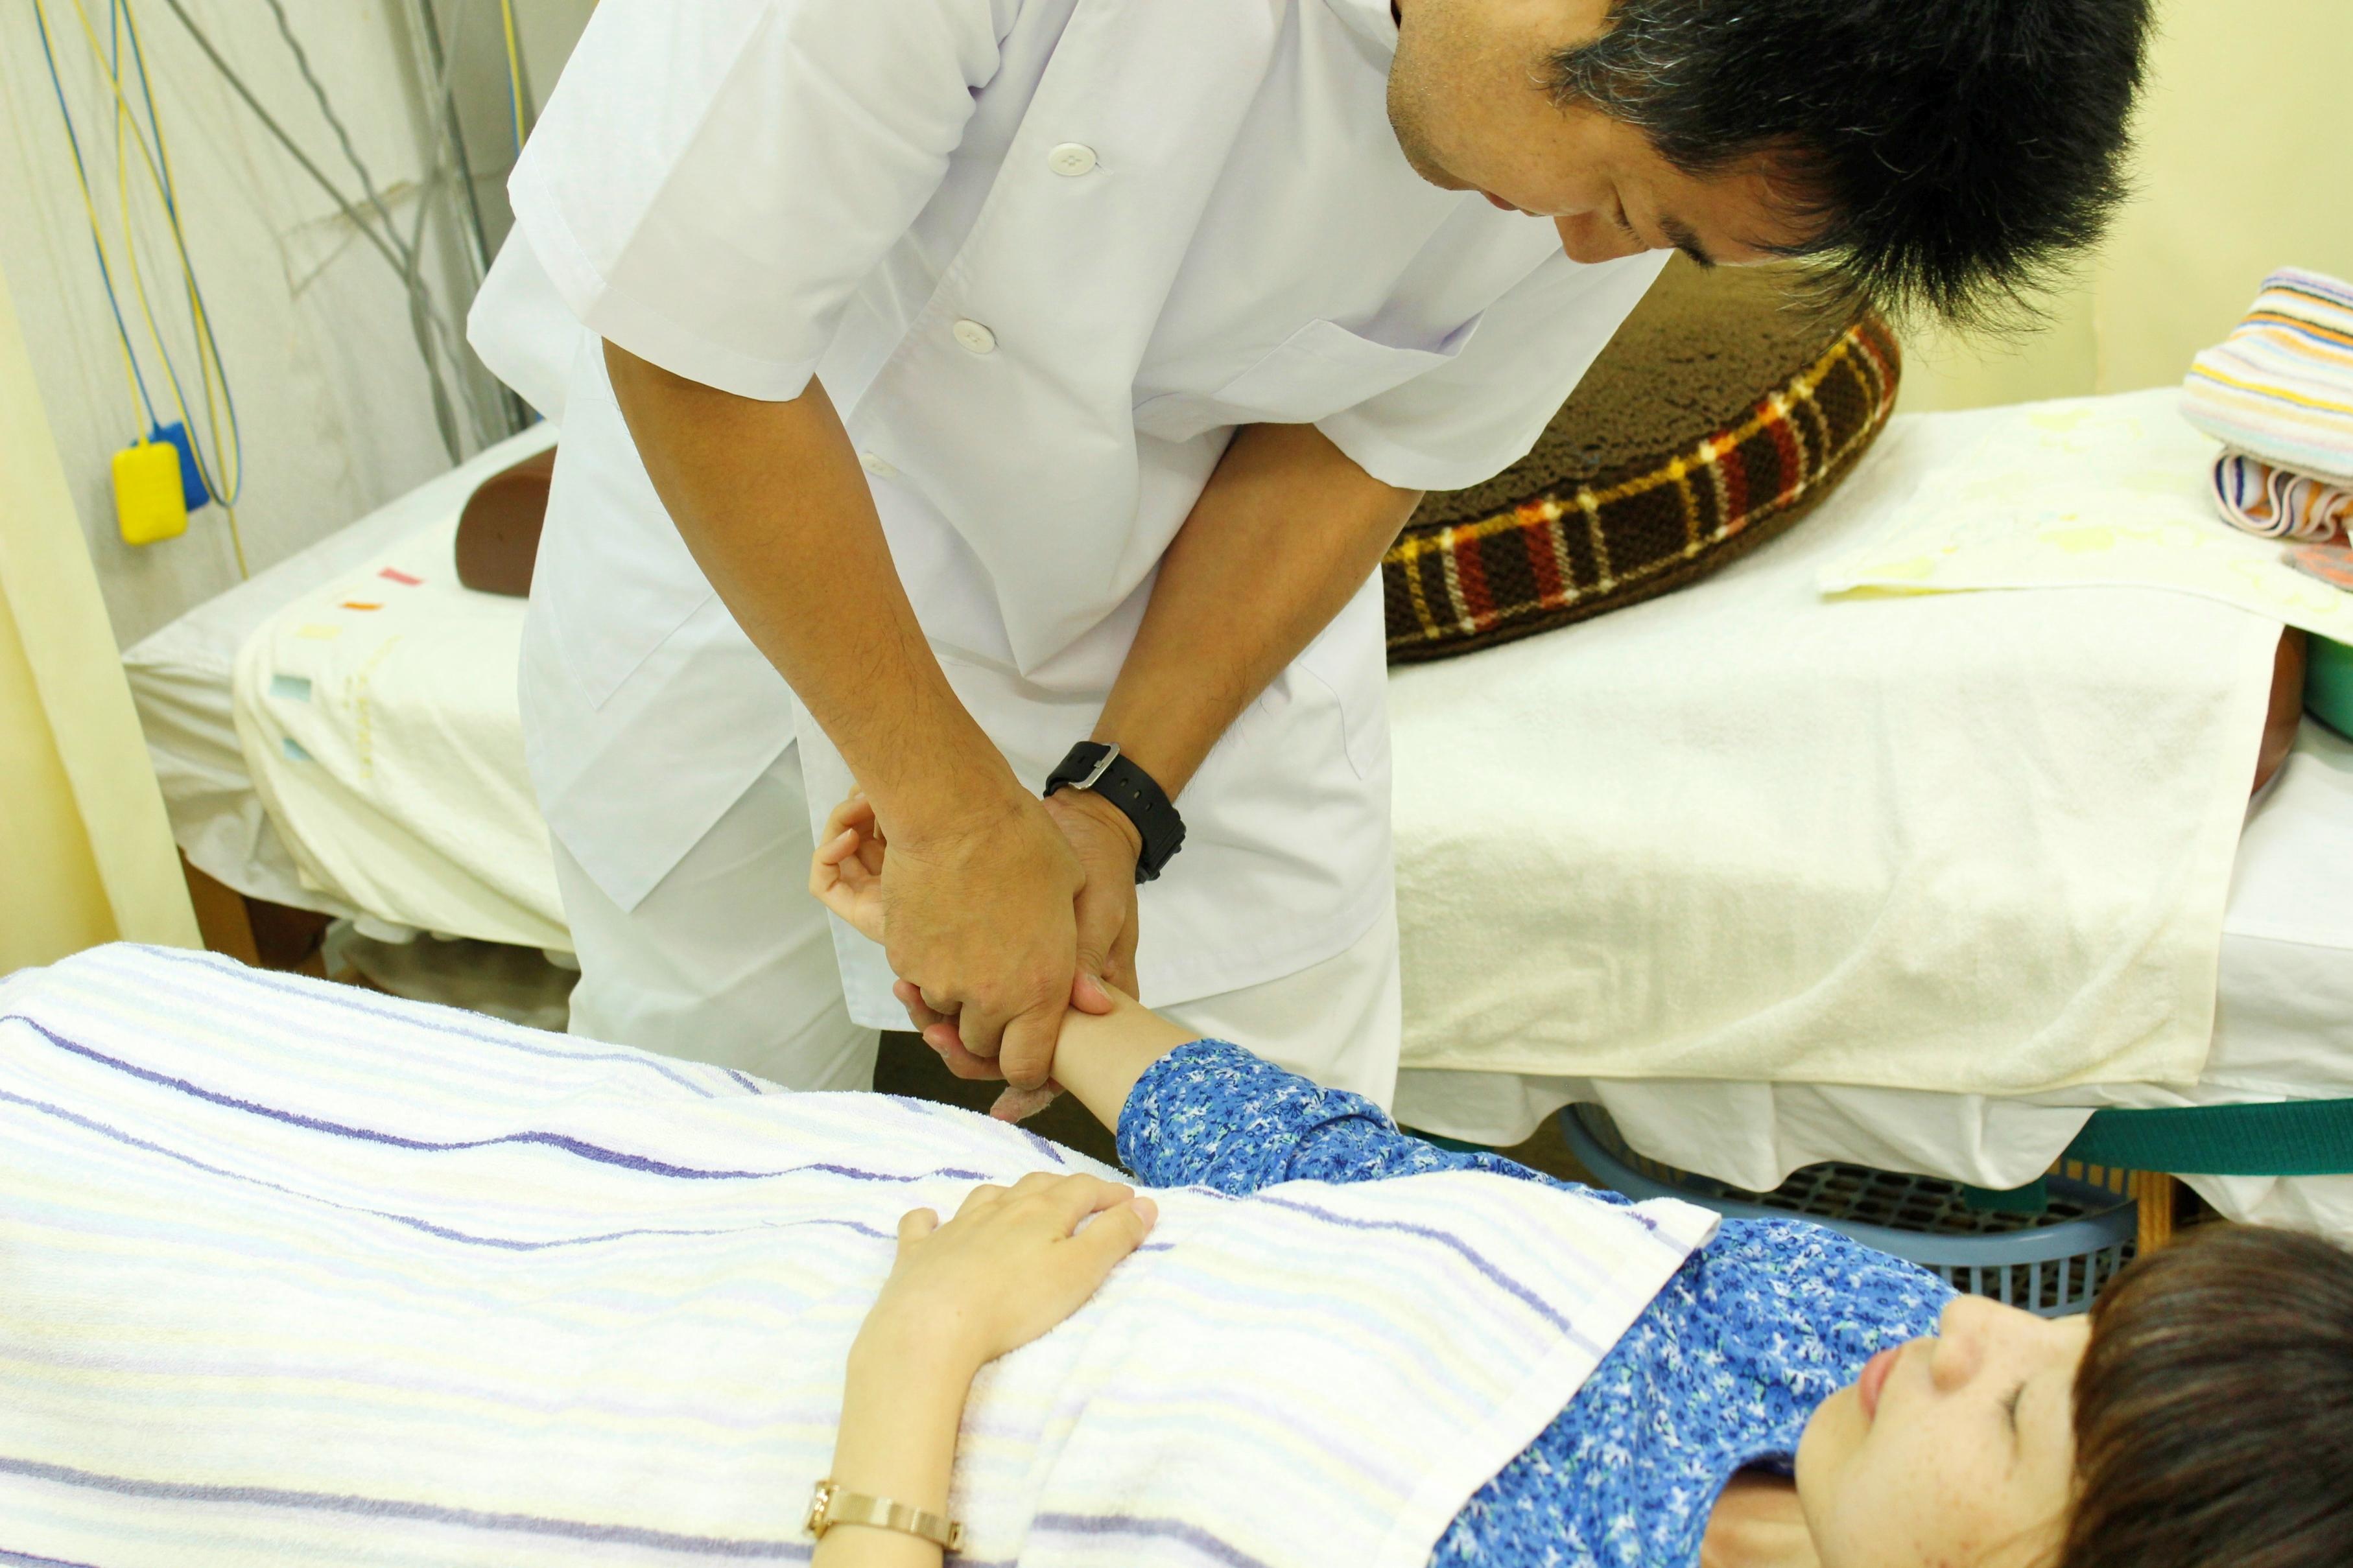 東洋医学やオーリング・カイロプラクティックなどの知識を基に施術いたします